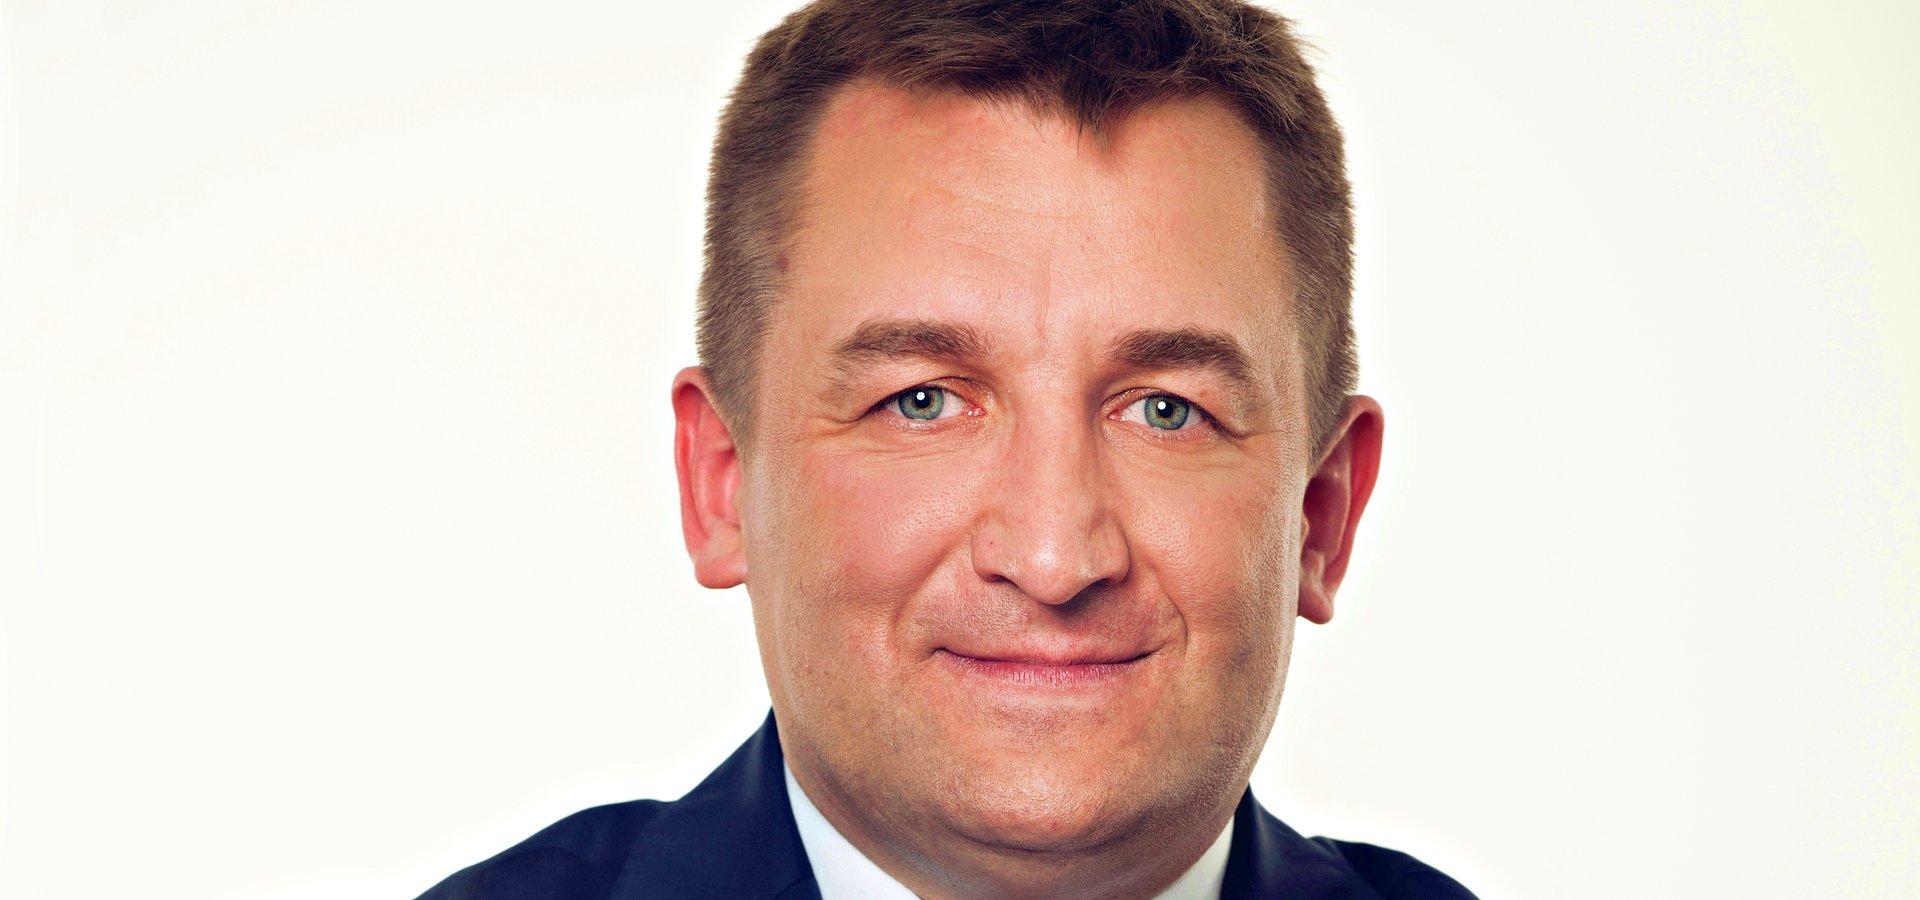 Radosław Ciszewski szefem działu Public Affairs w 24/7Communication